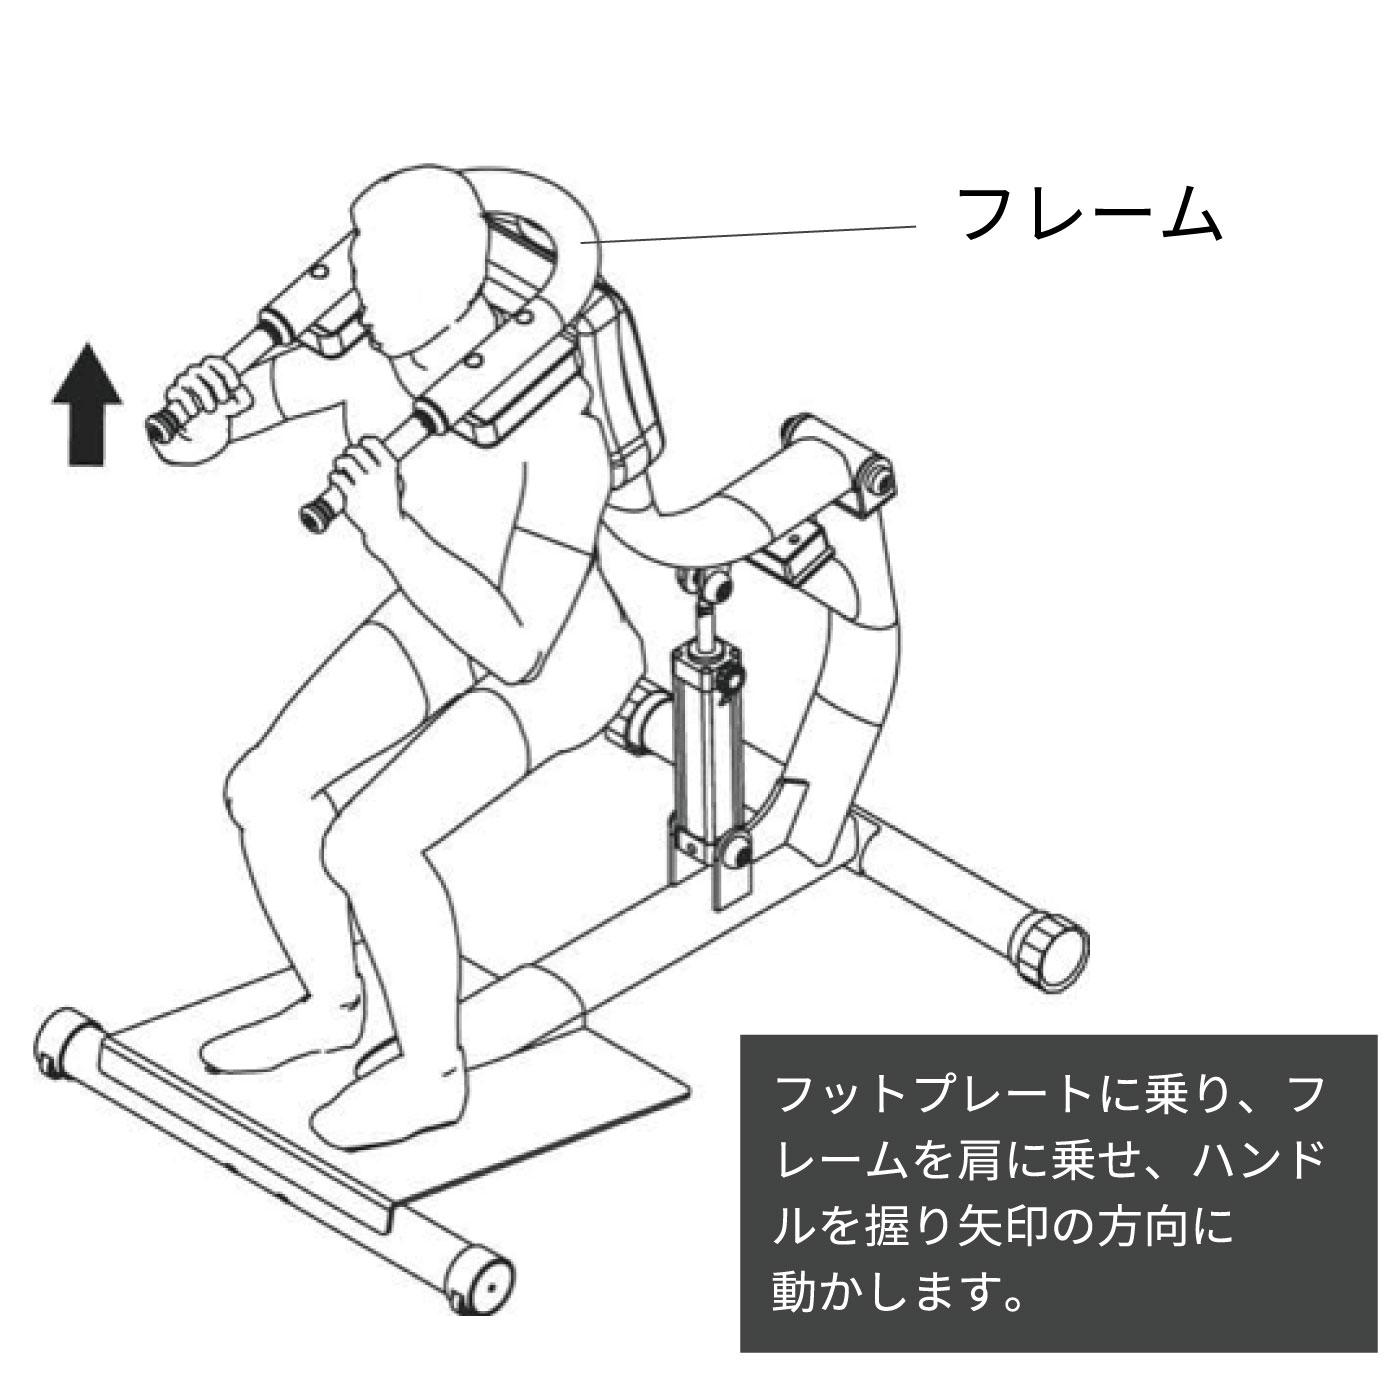 DK-1206のトレーニング方法